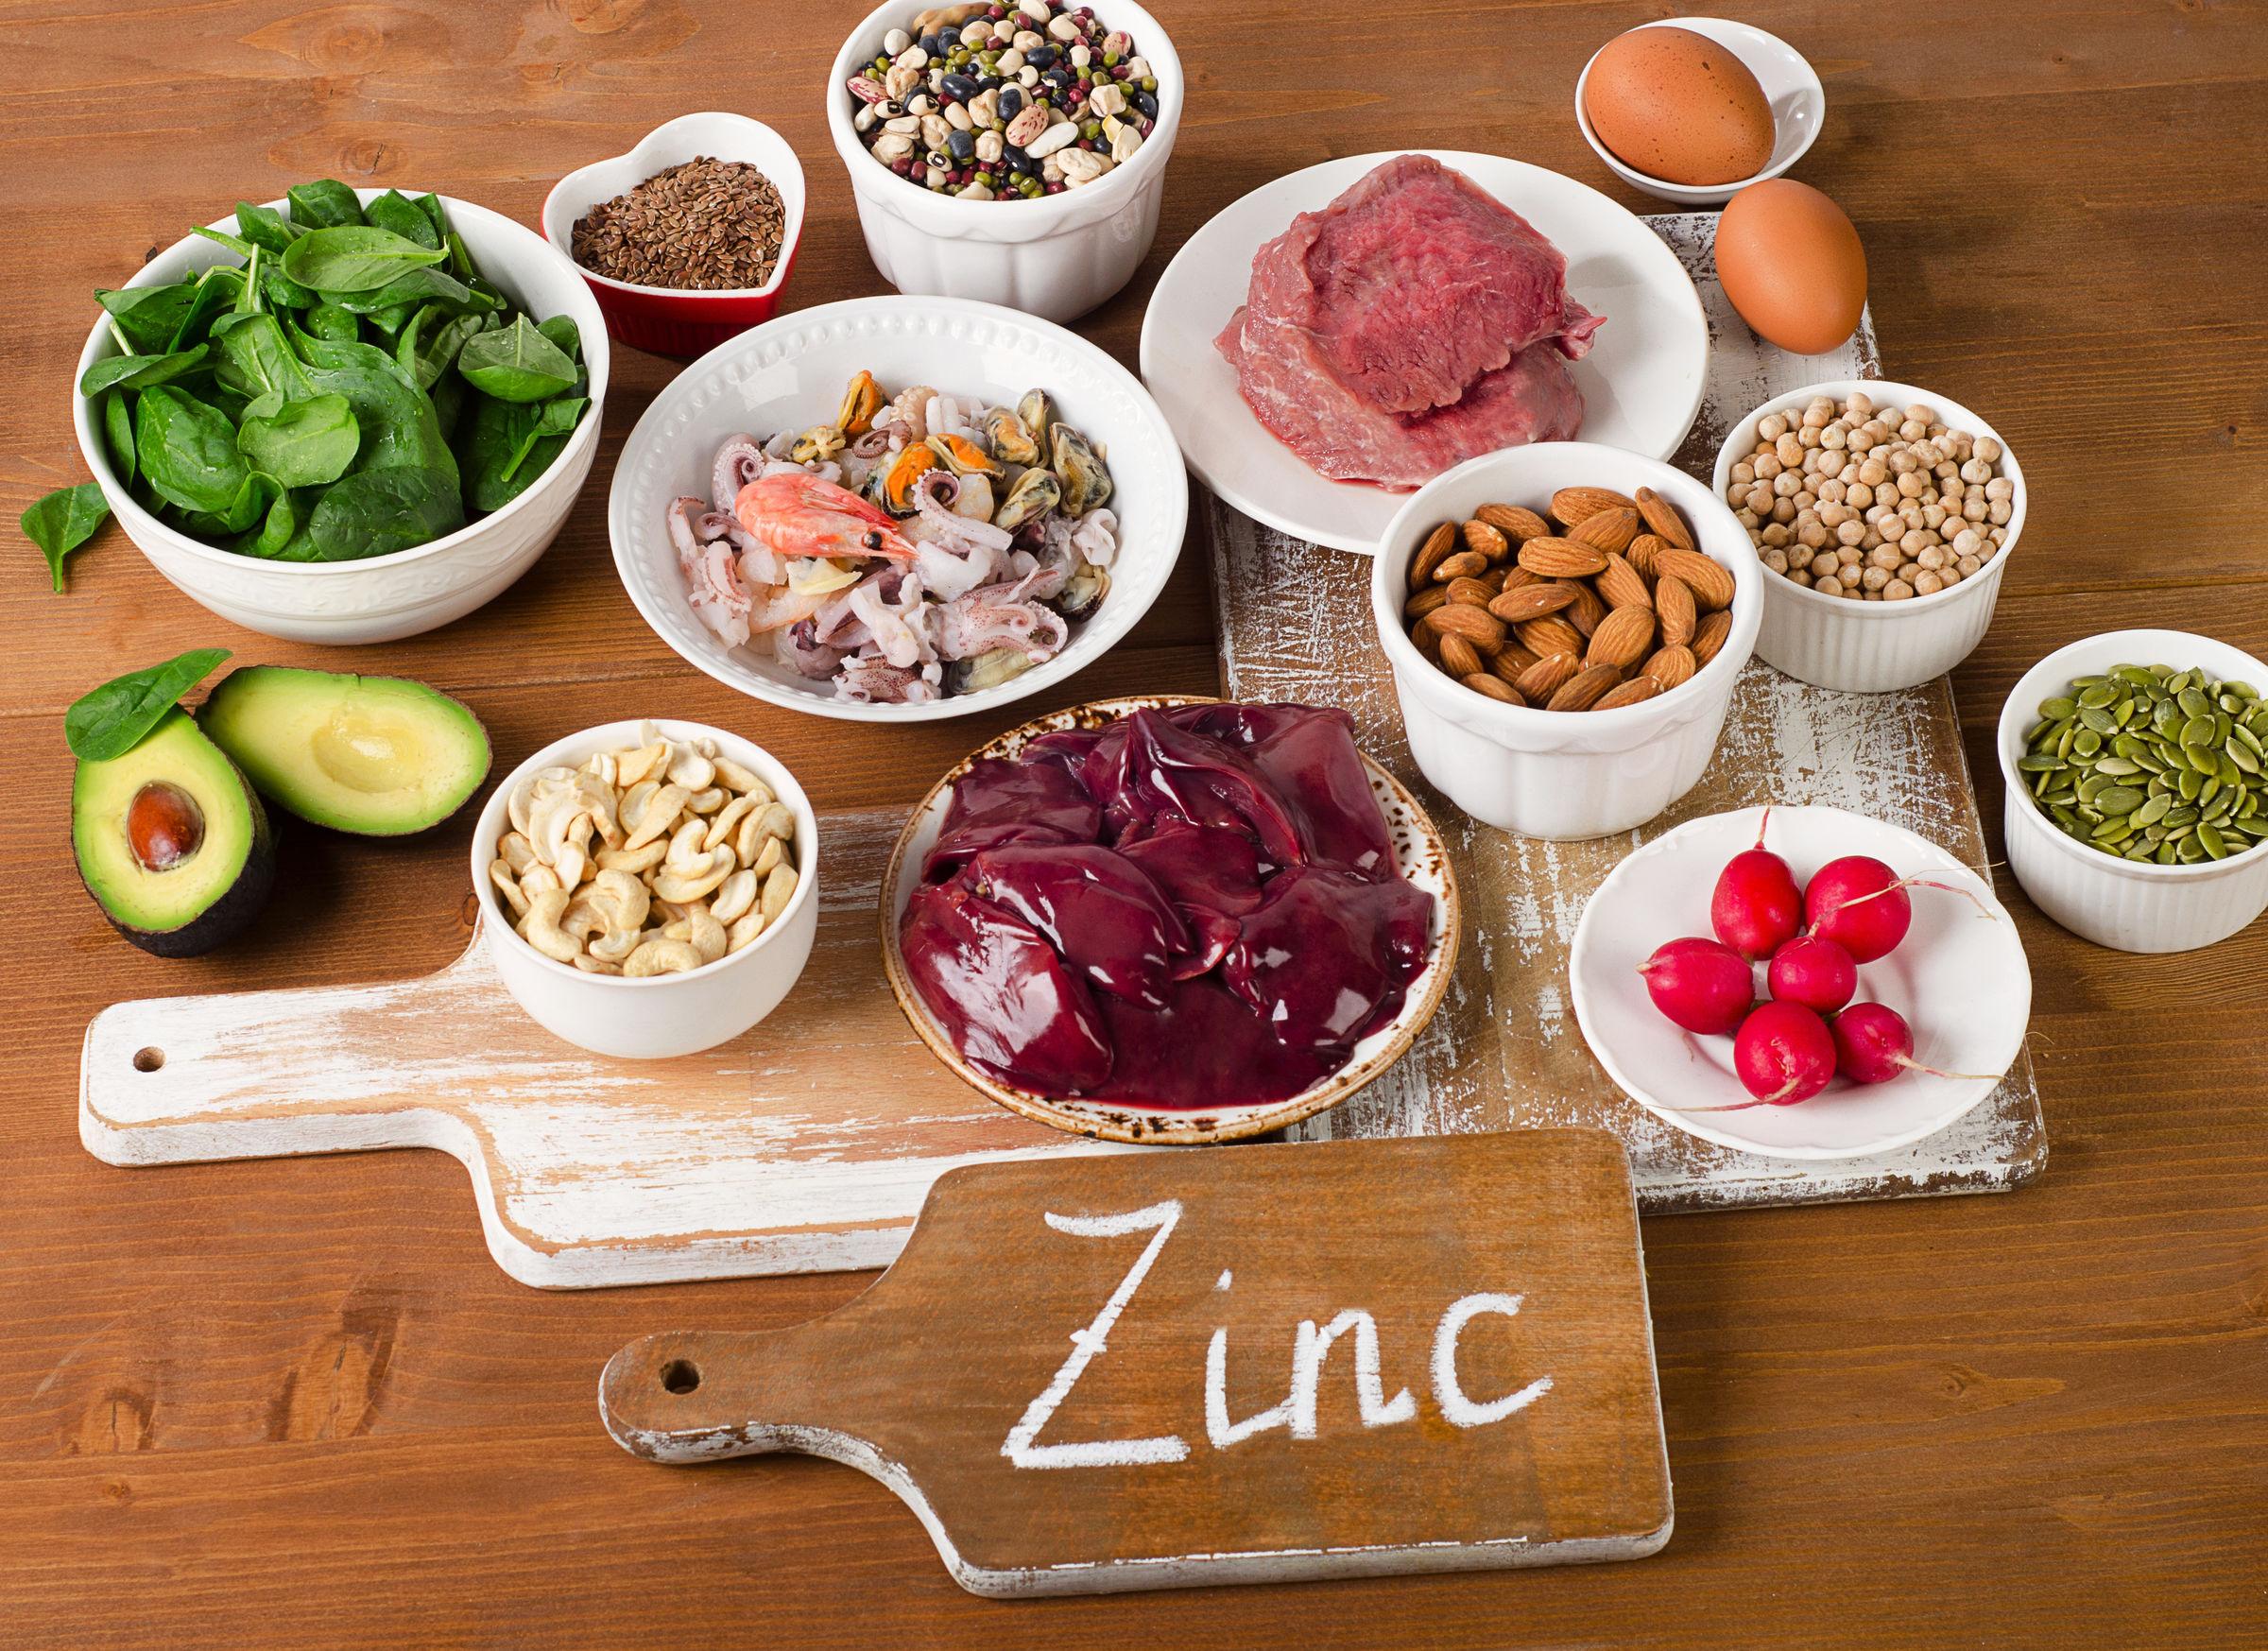 Zinco alimenti: Quali sono i cibi più ricchi di zinco?